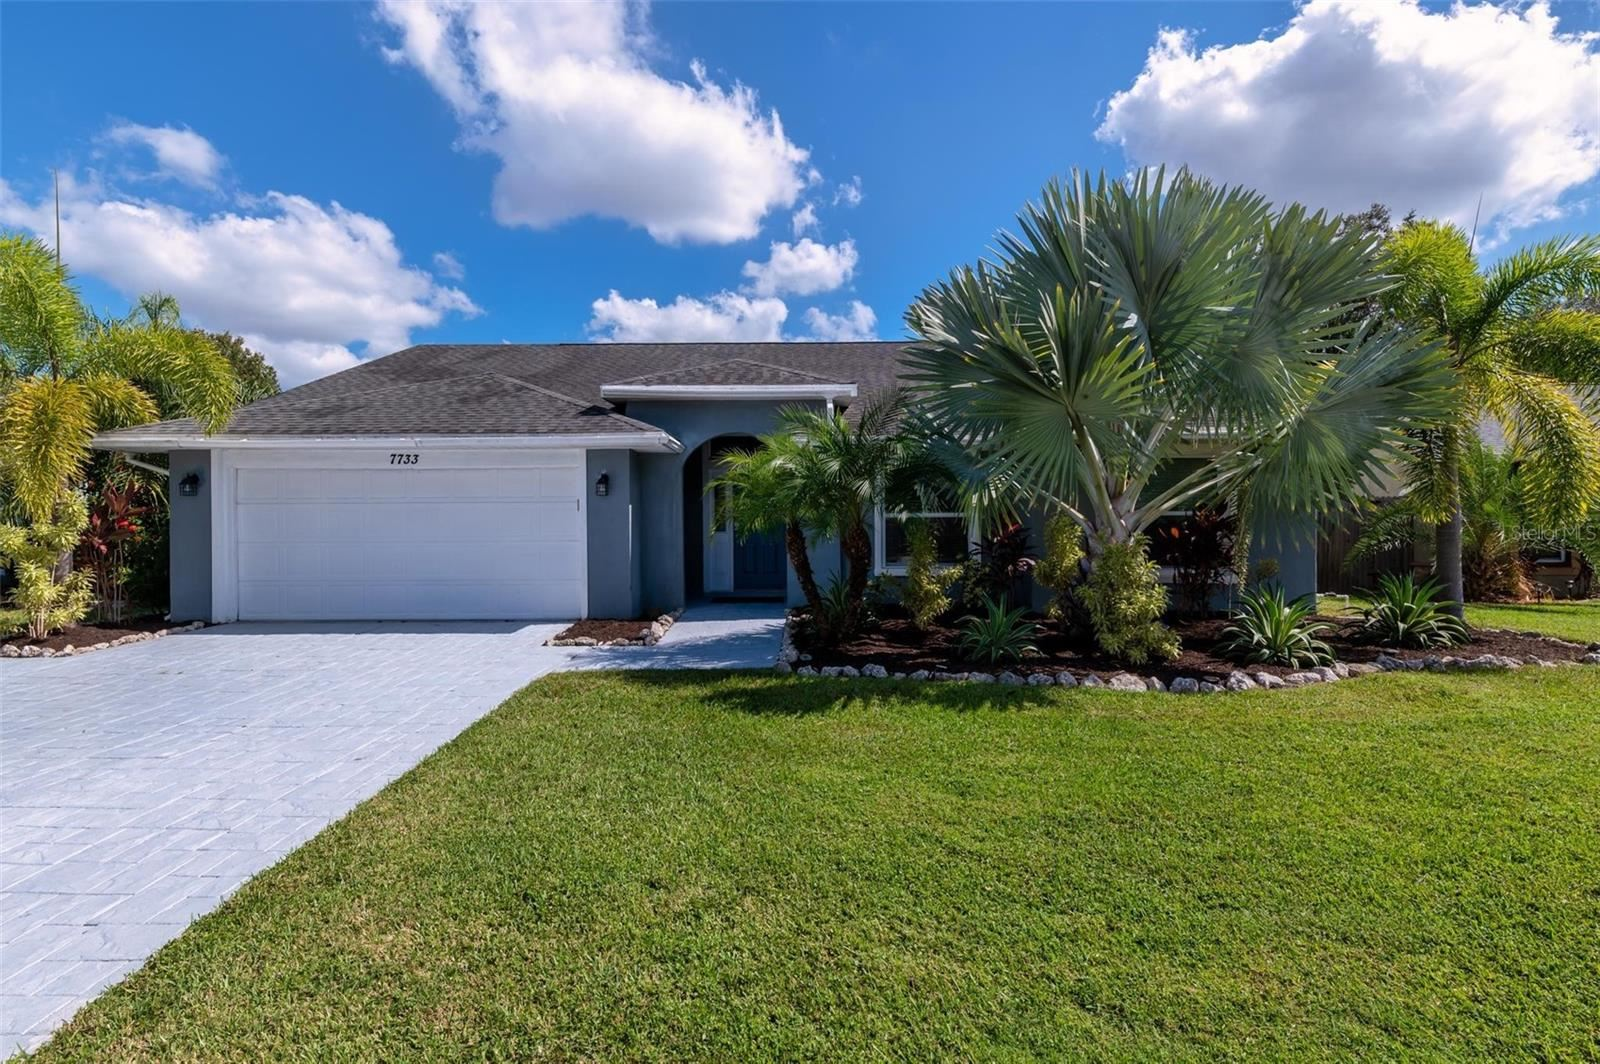 7733 34TH COURT E, Sarasota, FL 34243 - #: A4515712